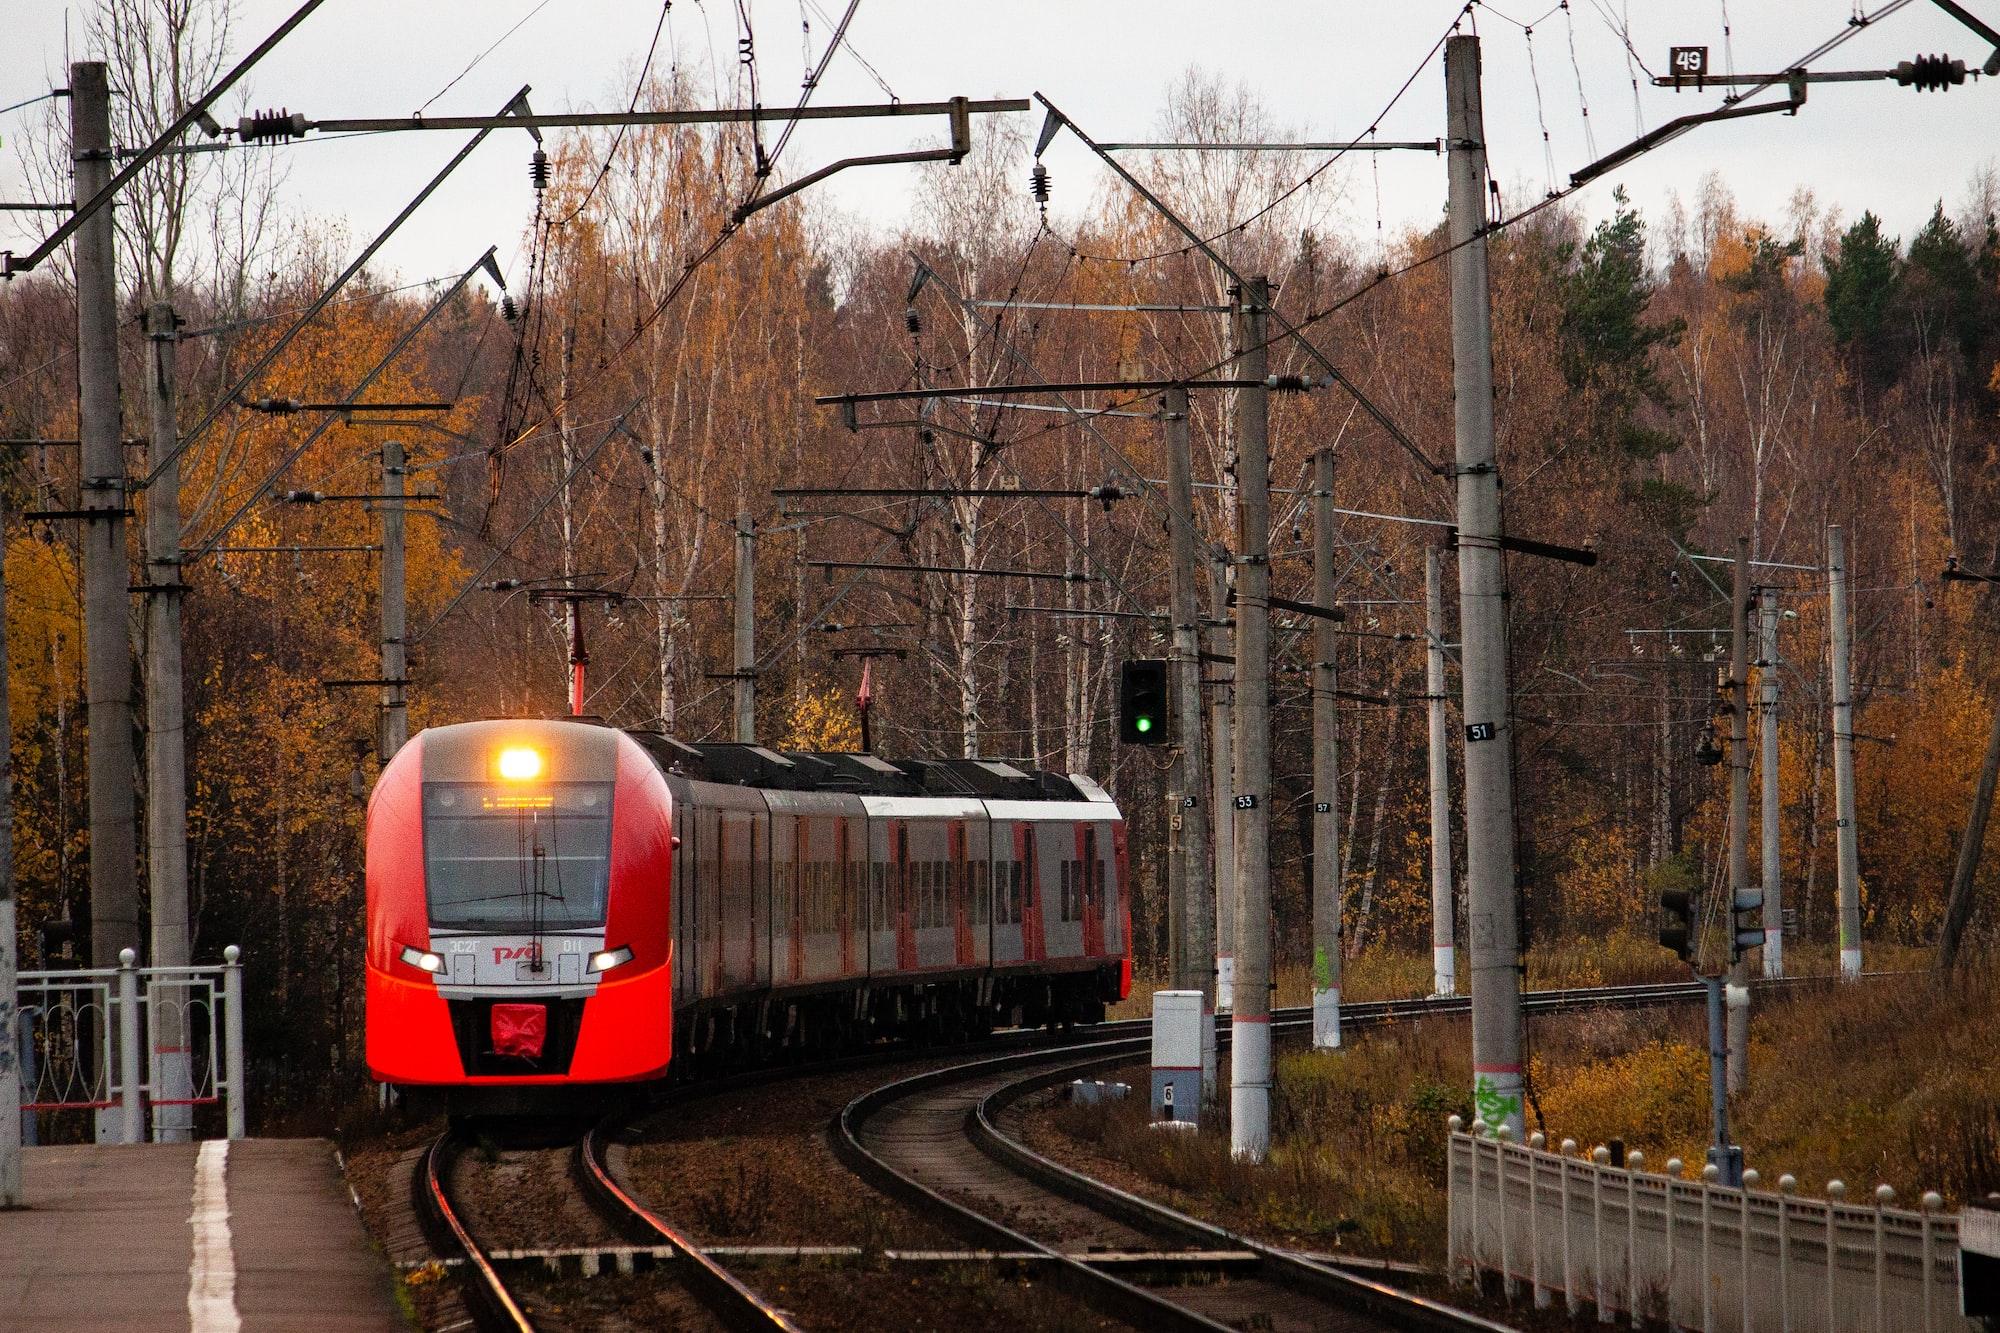 Z Olkusza i Niepołomic do Krakowa pociągiem. Ważna informacja dla mieszkańców